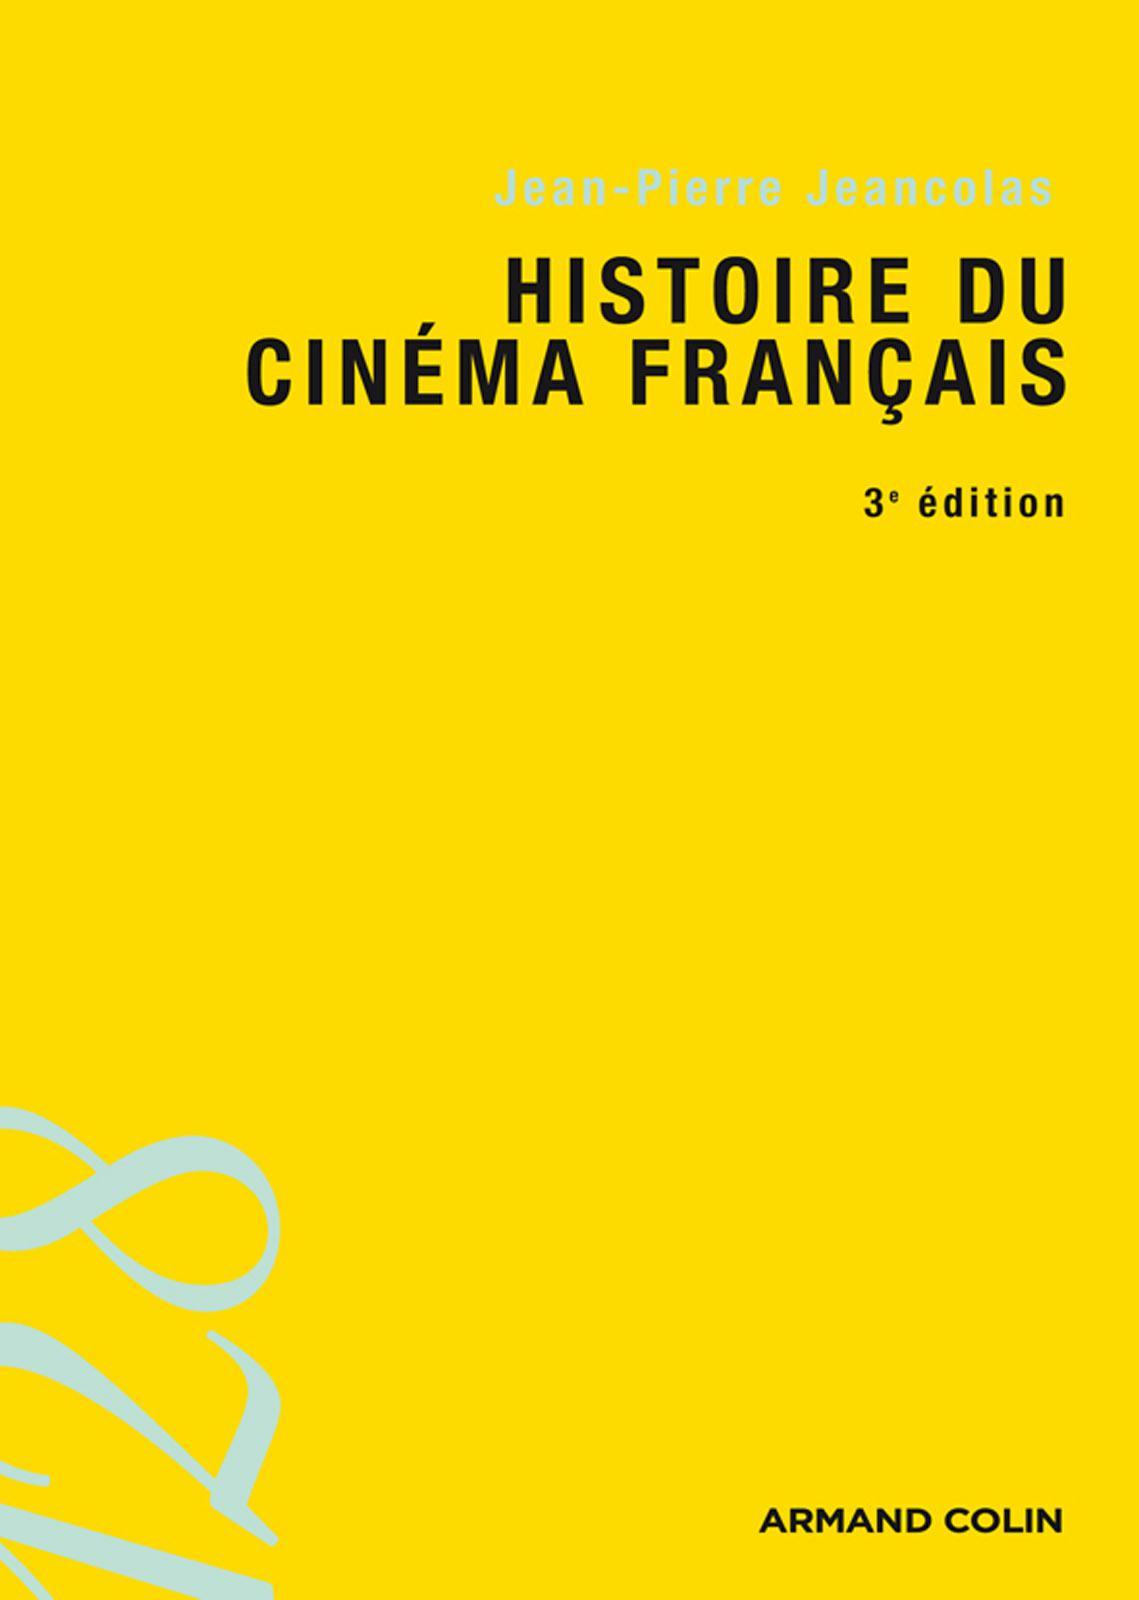 télécharger Histoire du cinéma français.Jean-Pierre Jeancolas